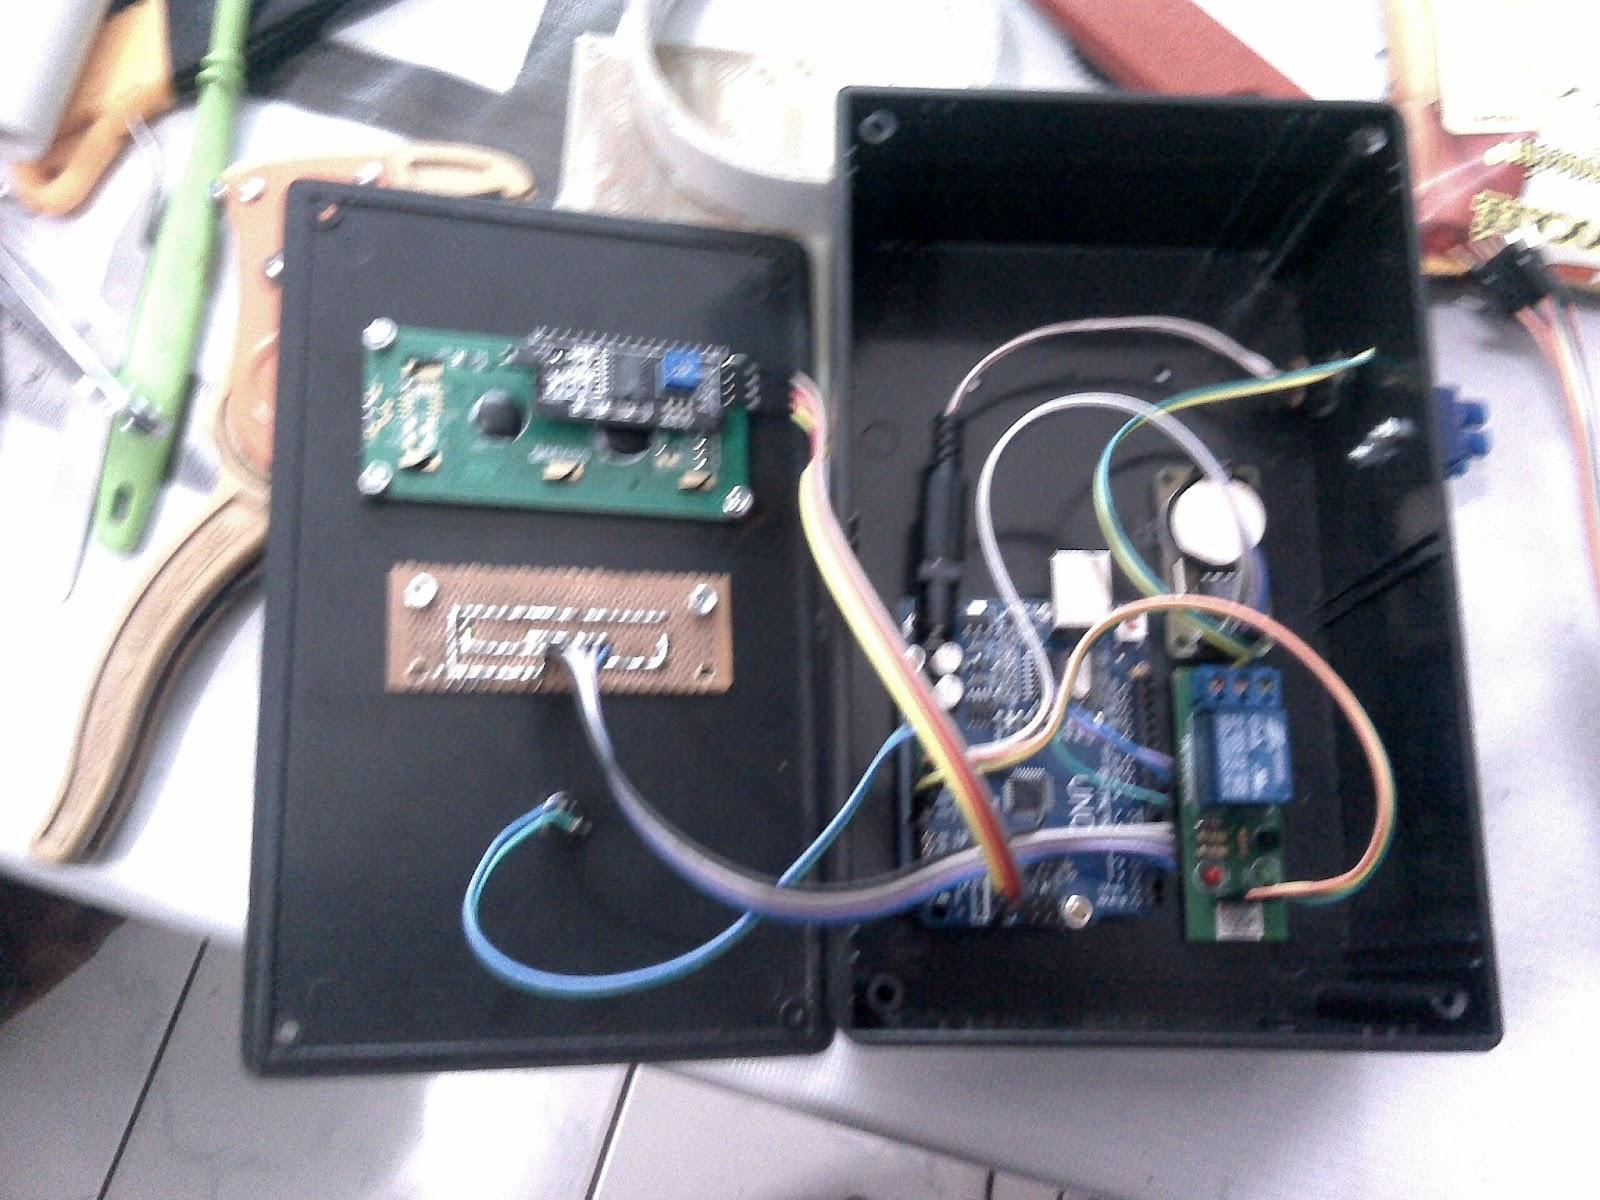 Membuat Alat Penyiram Tanaman Otomatis Dengan Arduino Dan ...